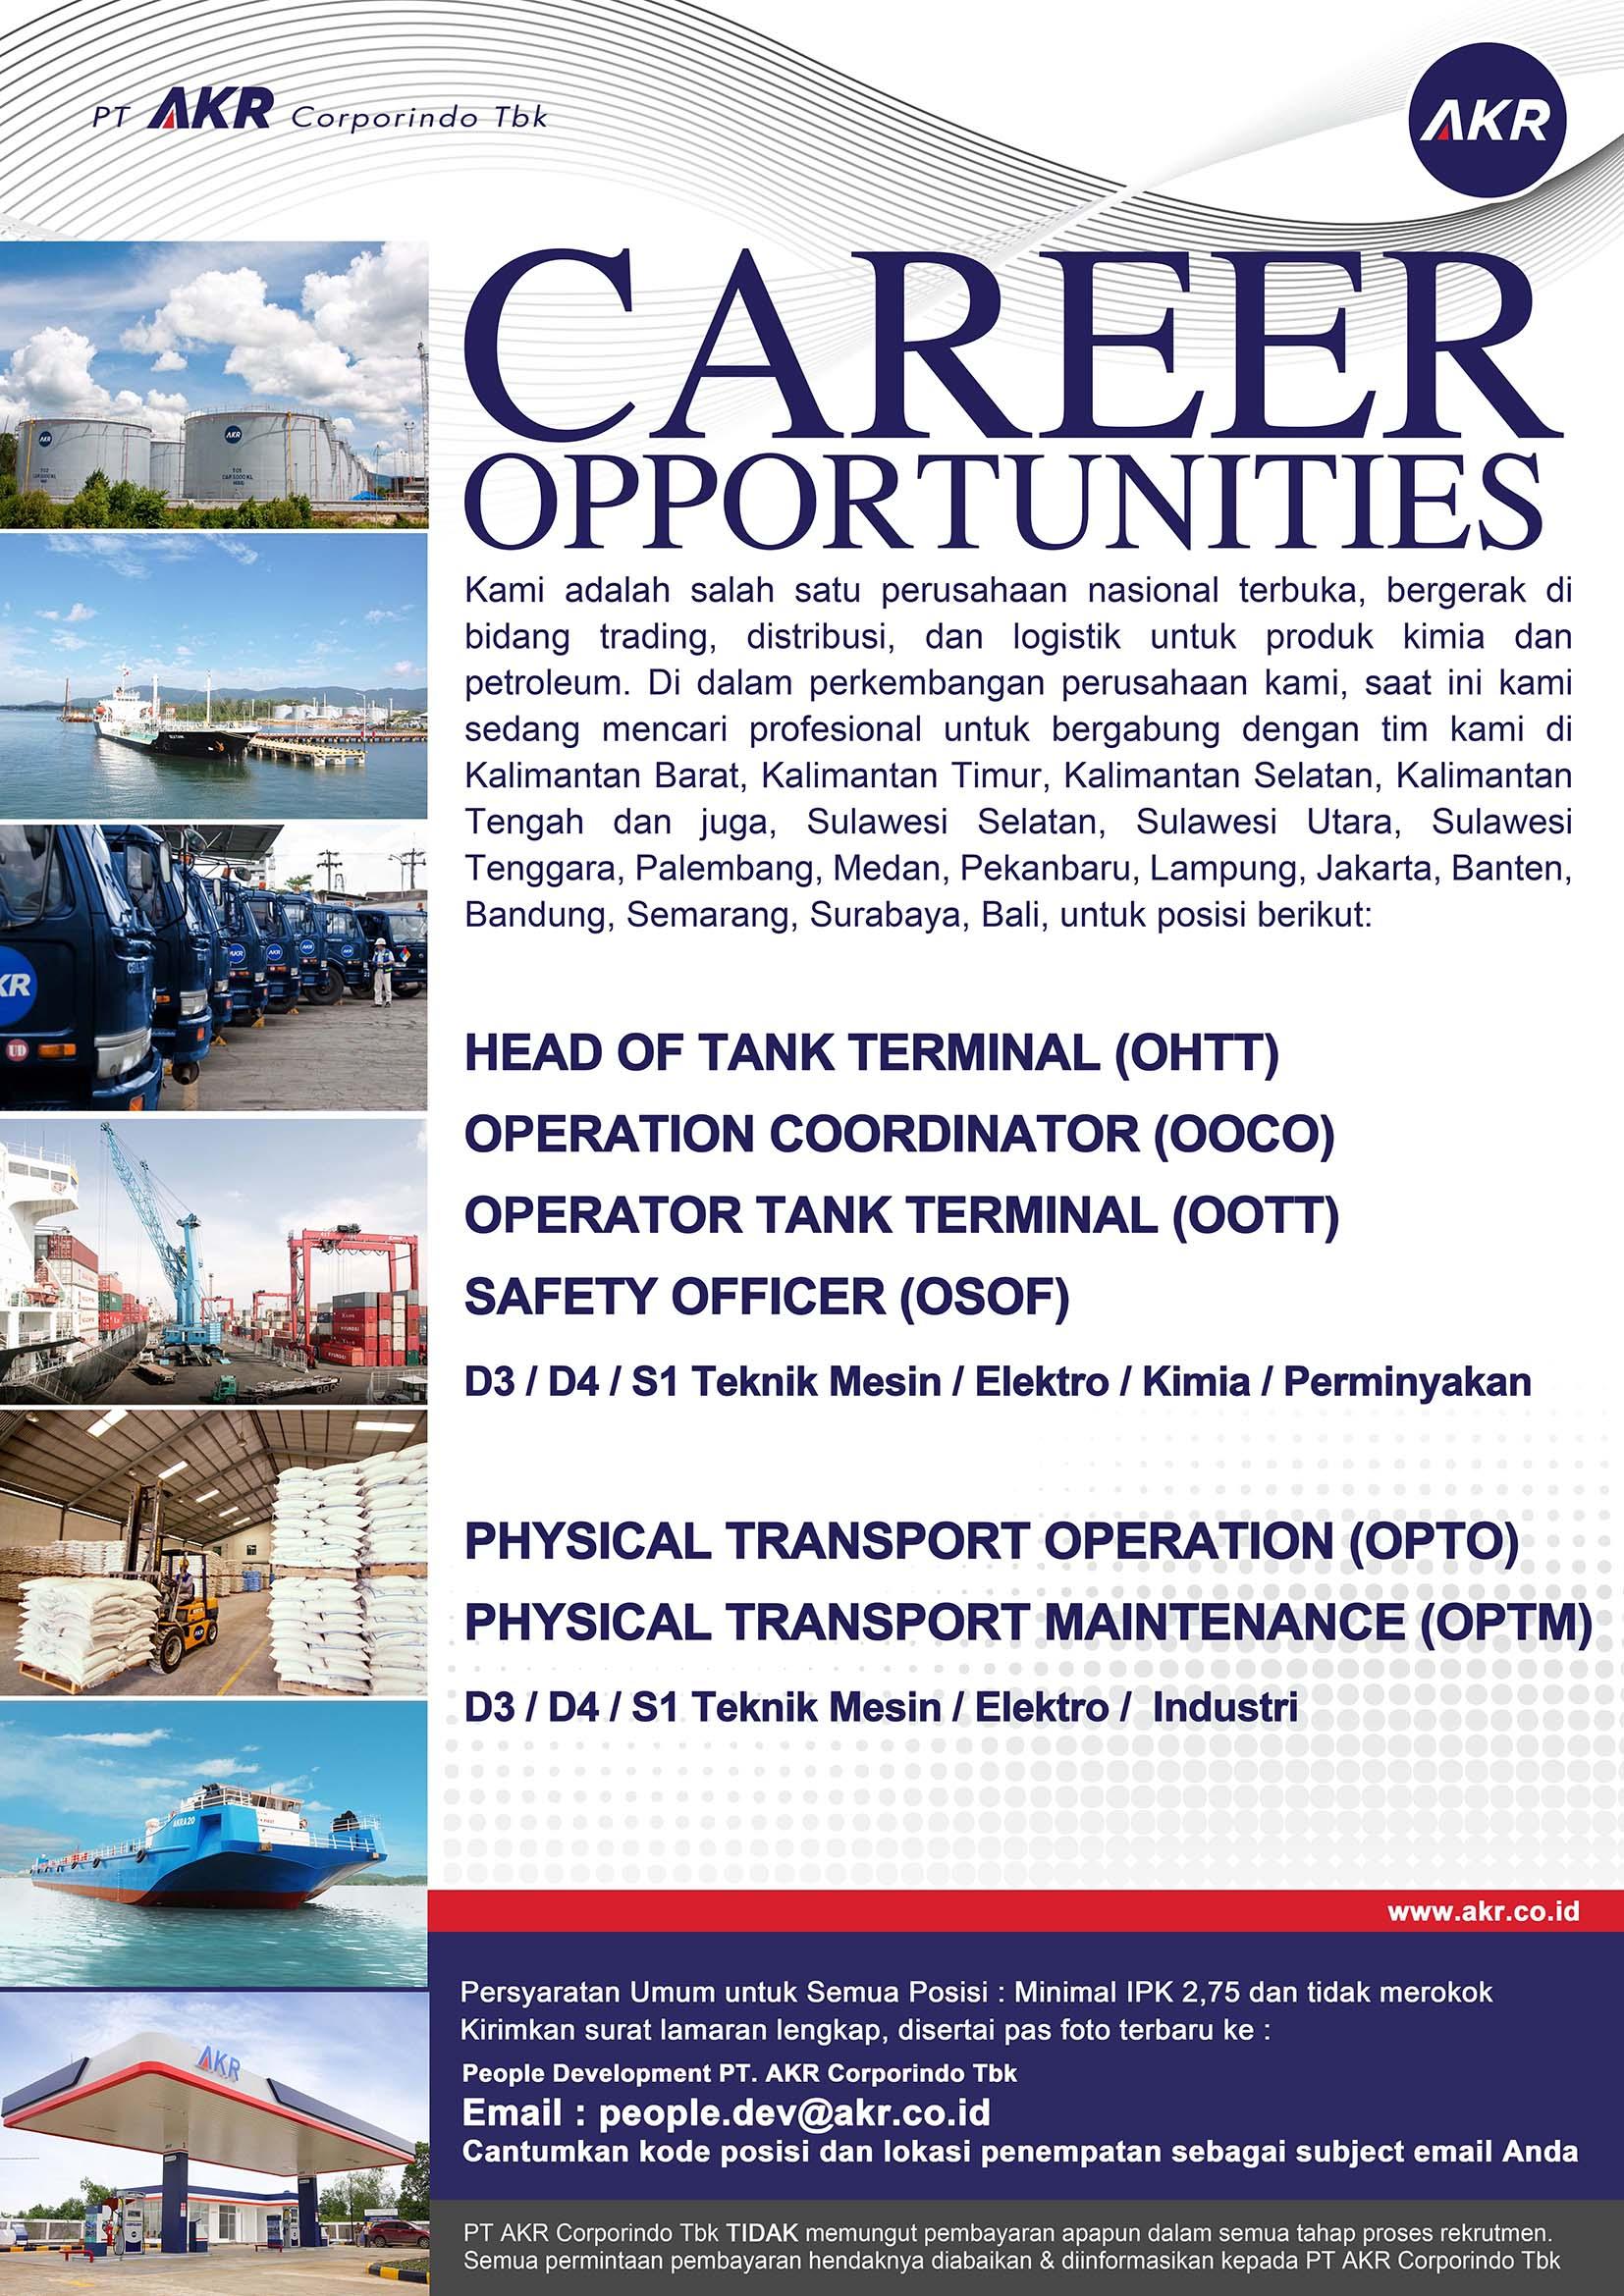 Lowongan Kerja PT AKR Corporindo Tbk Terbaru Desember 2017